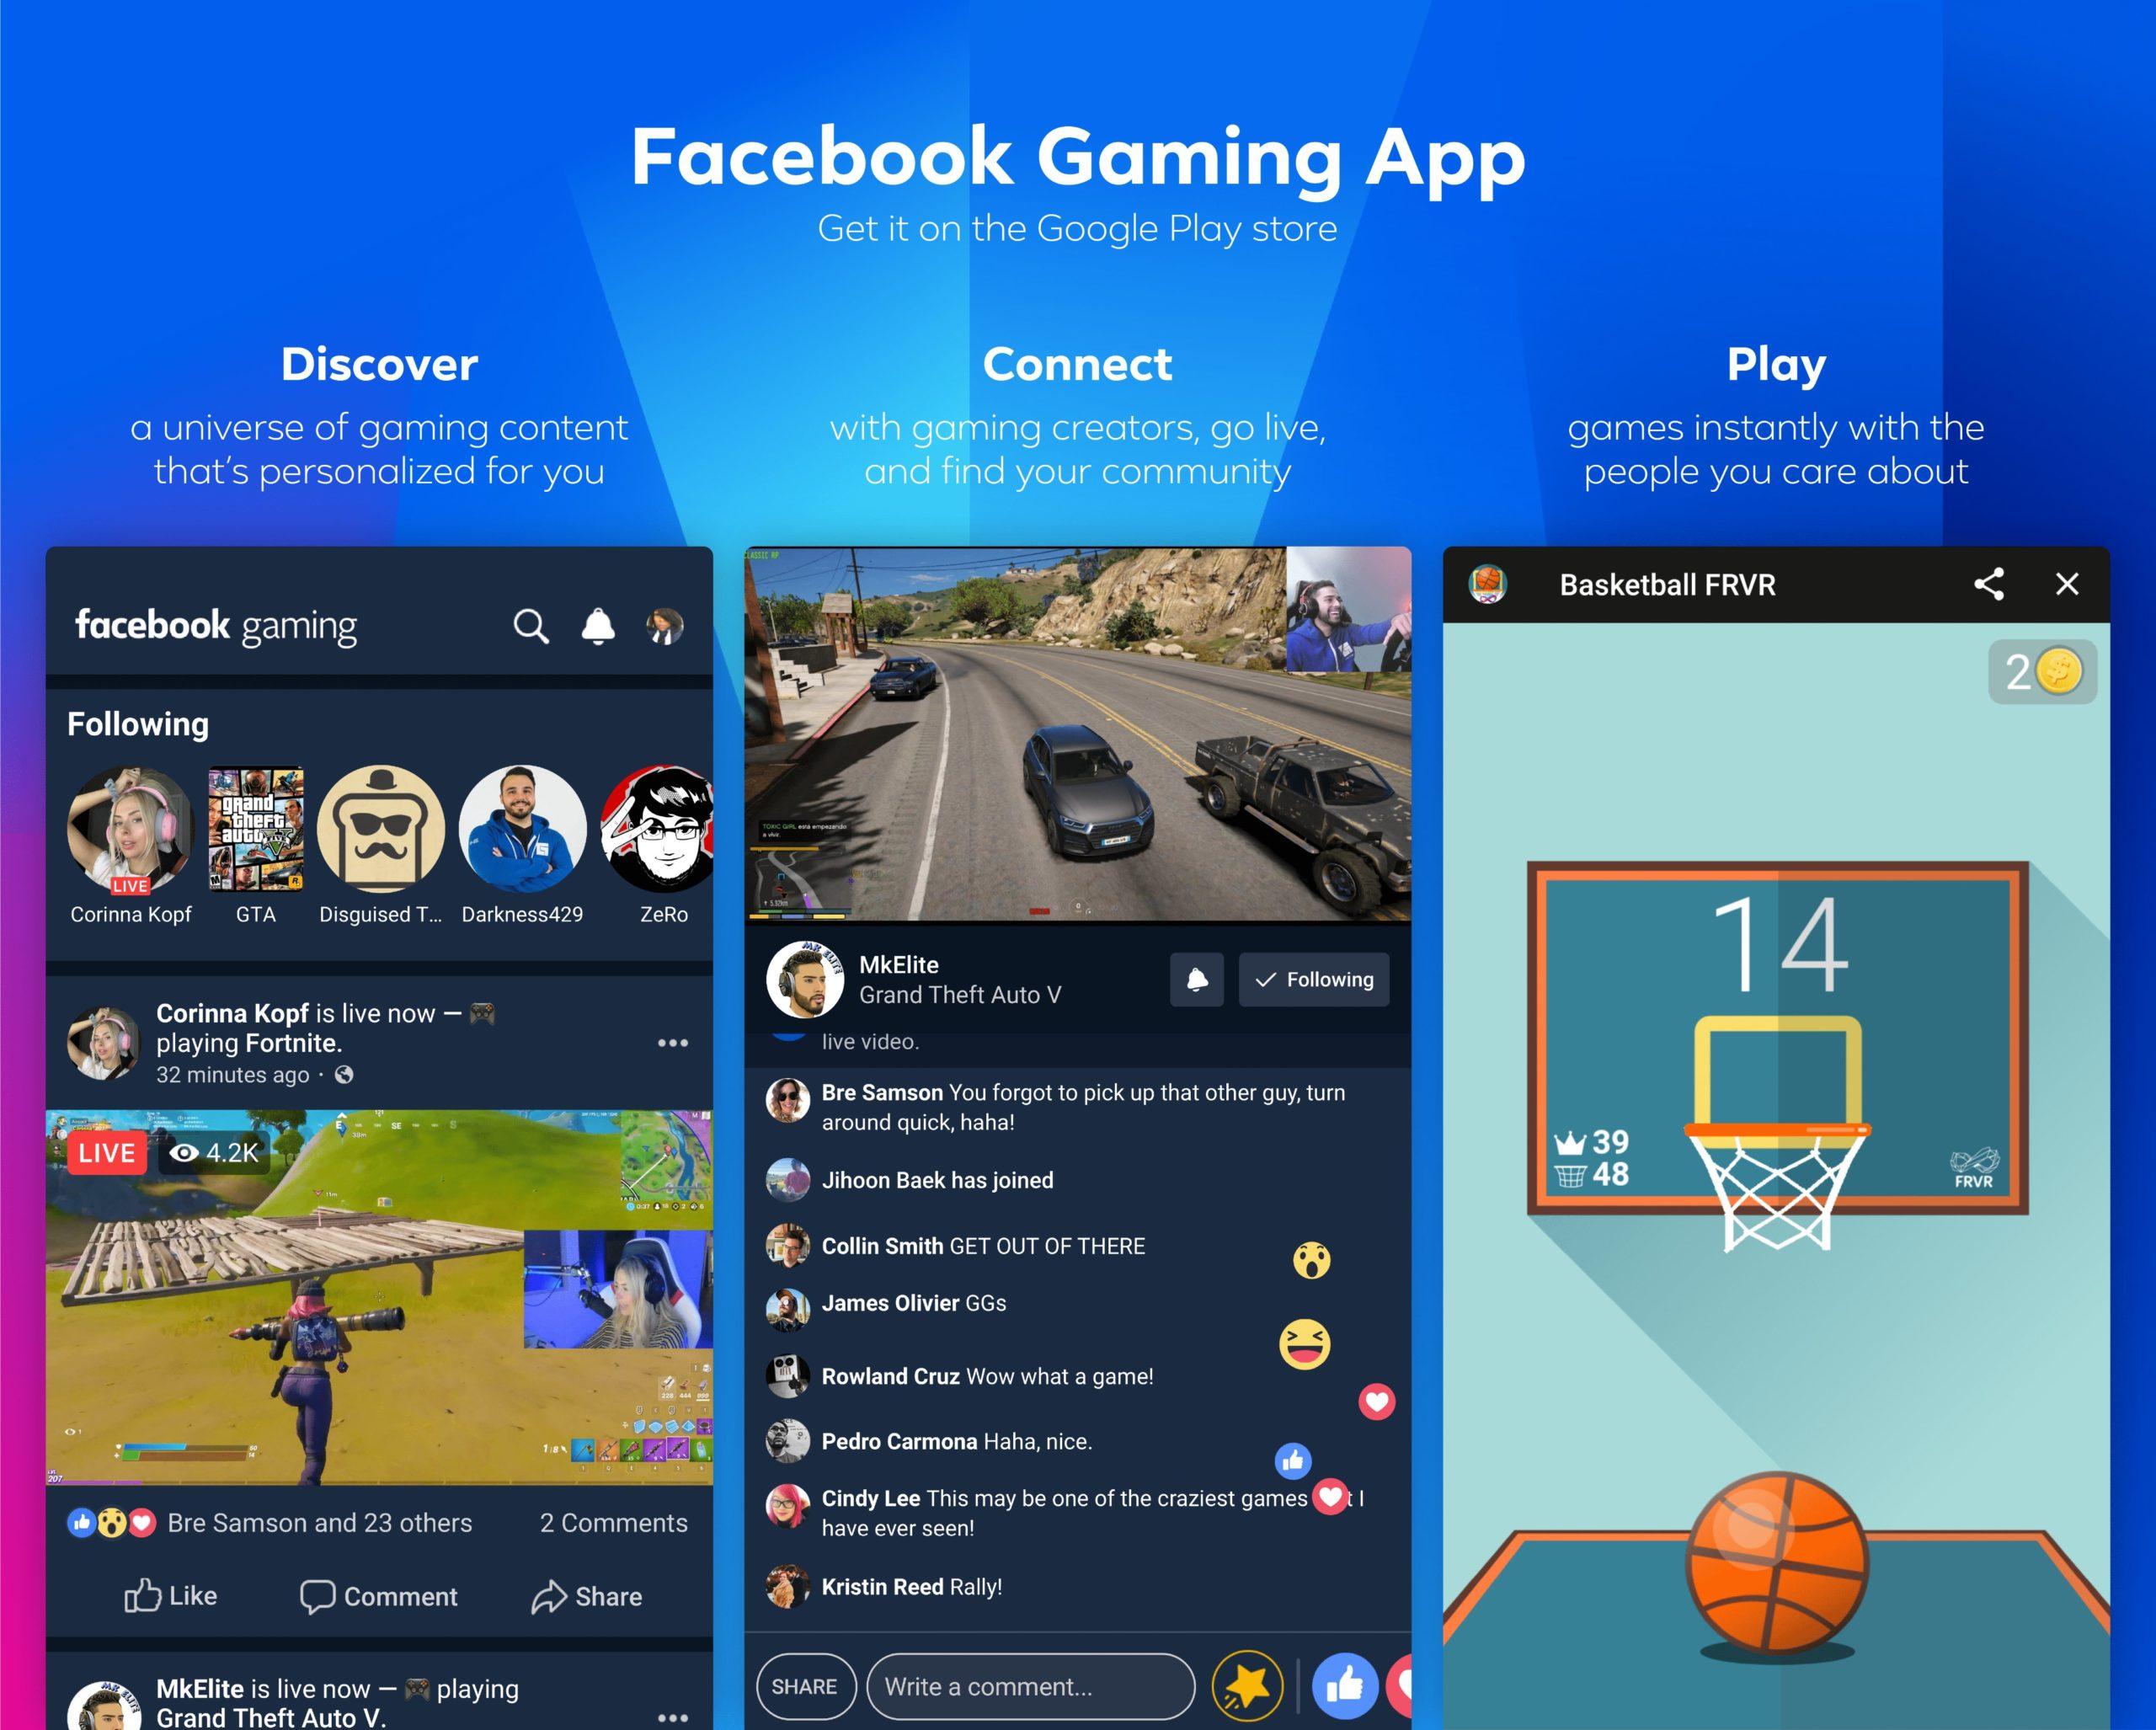 FB gaming app